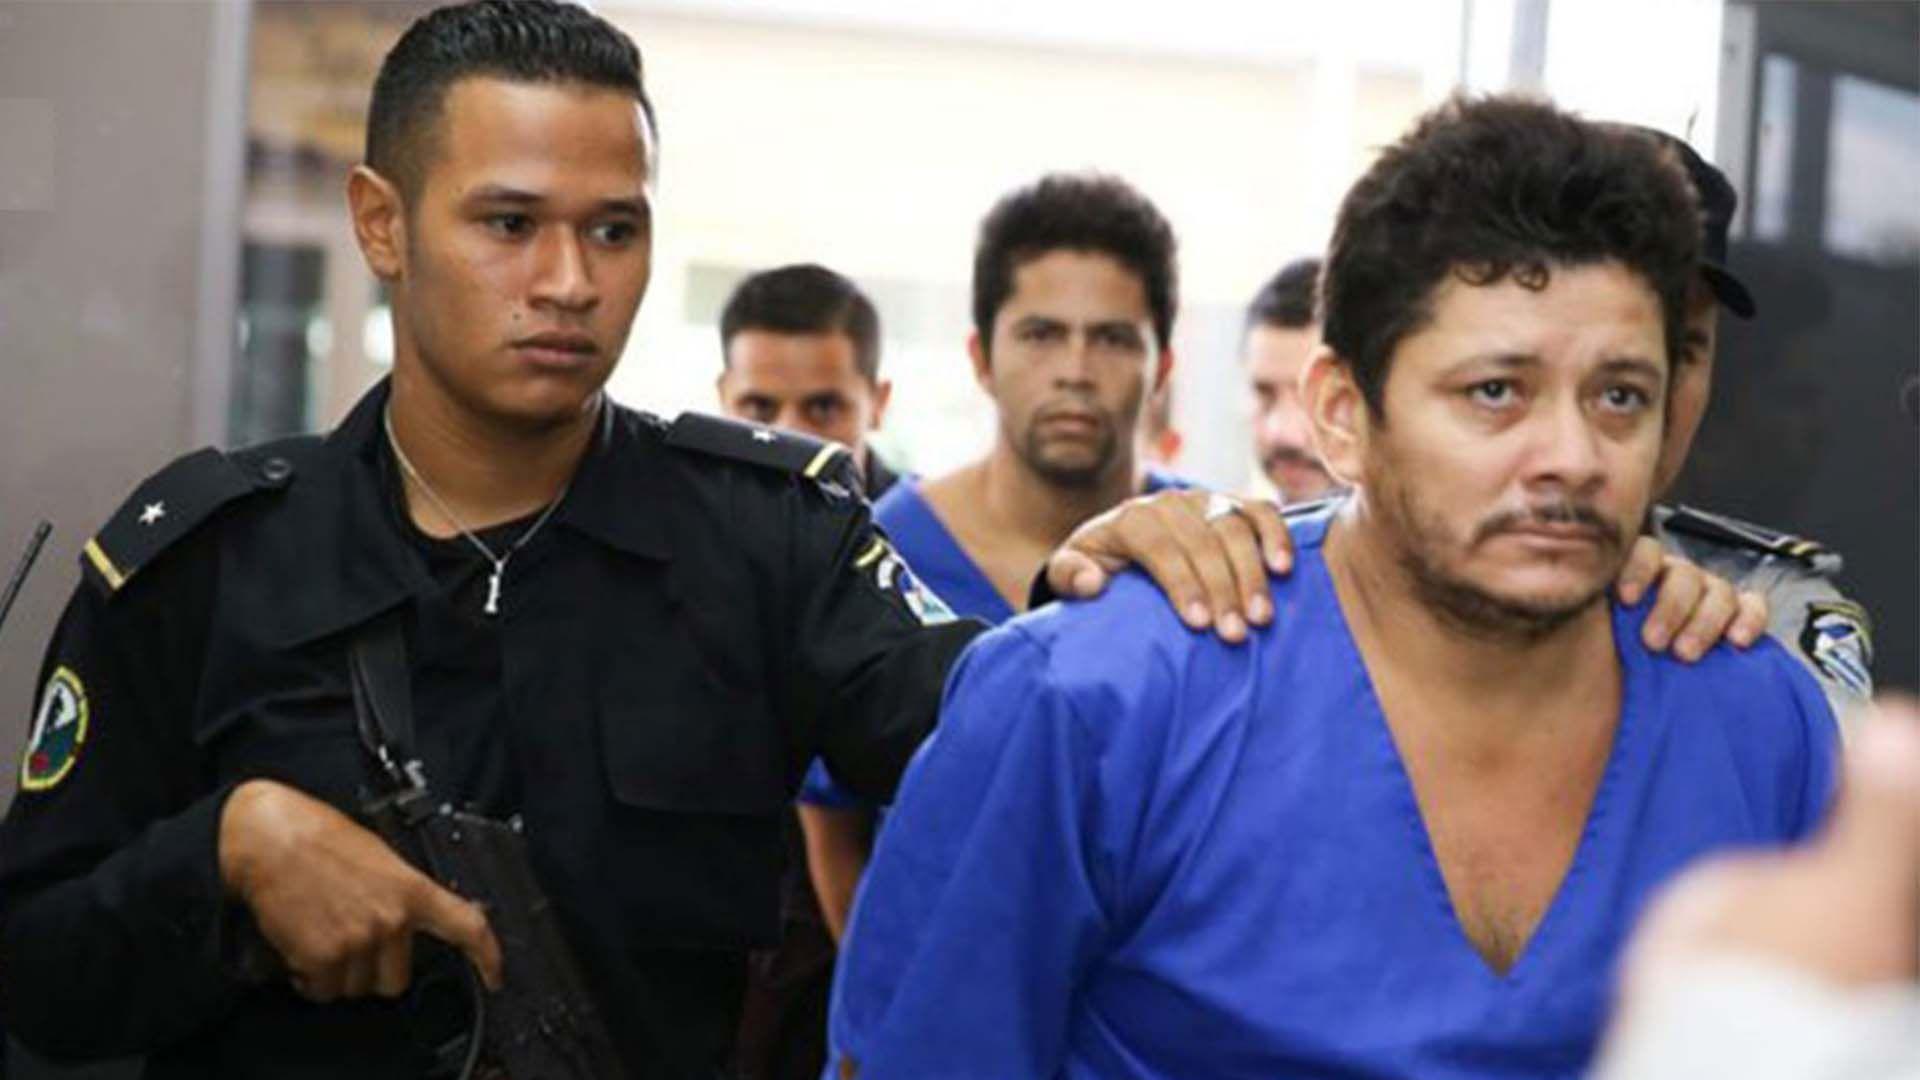 El pasado 6 de julio, la CIDH condenó la detención, un día antes, de Mairena, quien se convirtió entonces en el sexto aspirante a la Presidencia arrestado en el país centroamericano. ya había sido arrestado en otras ocasiones